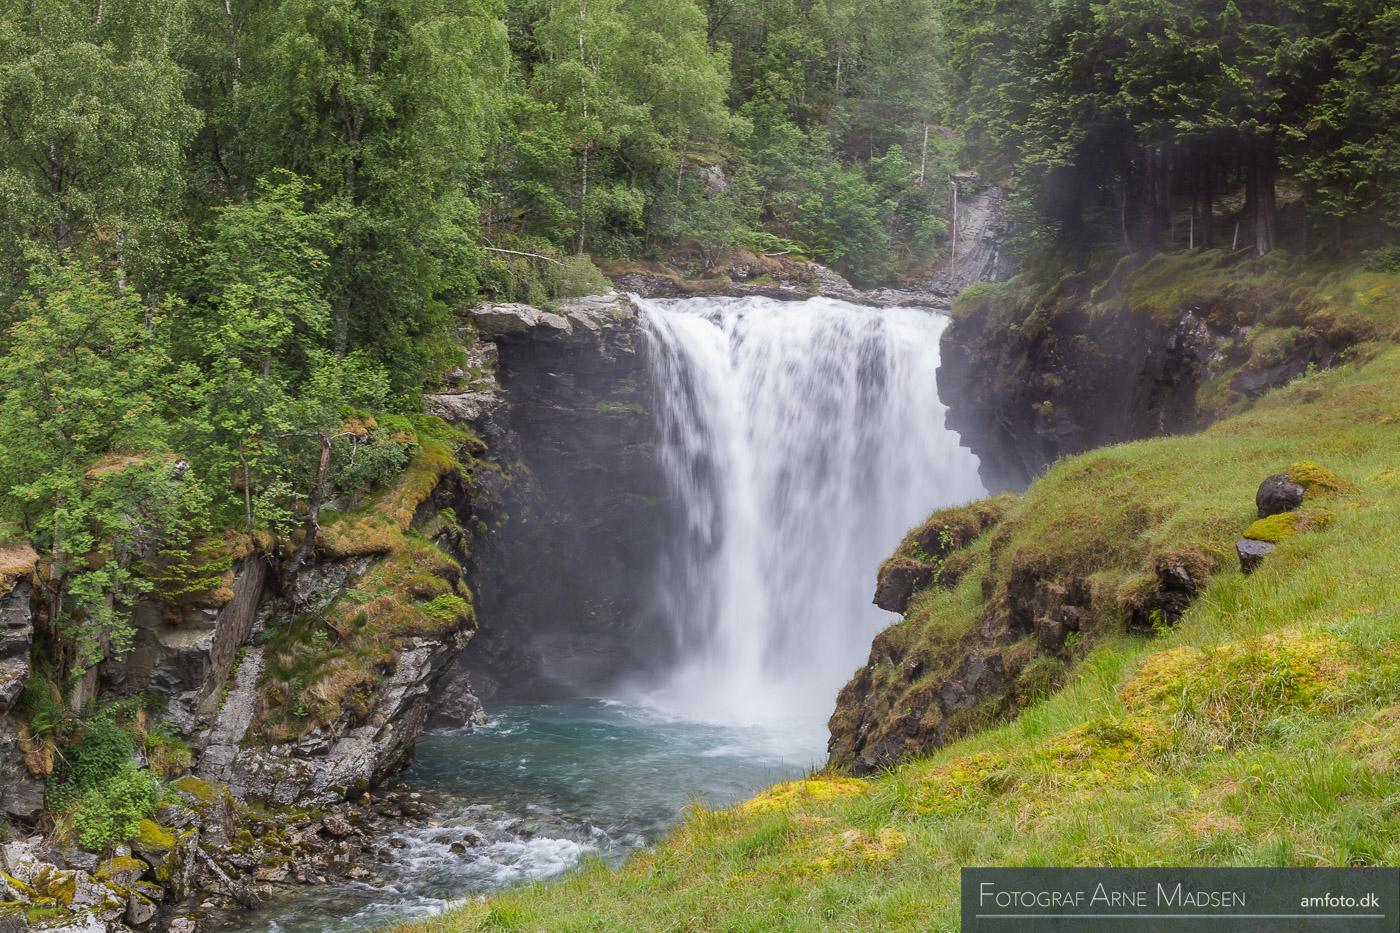 AMFOTO_2016_Norge_Hellesylt-814